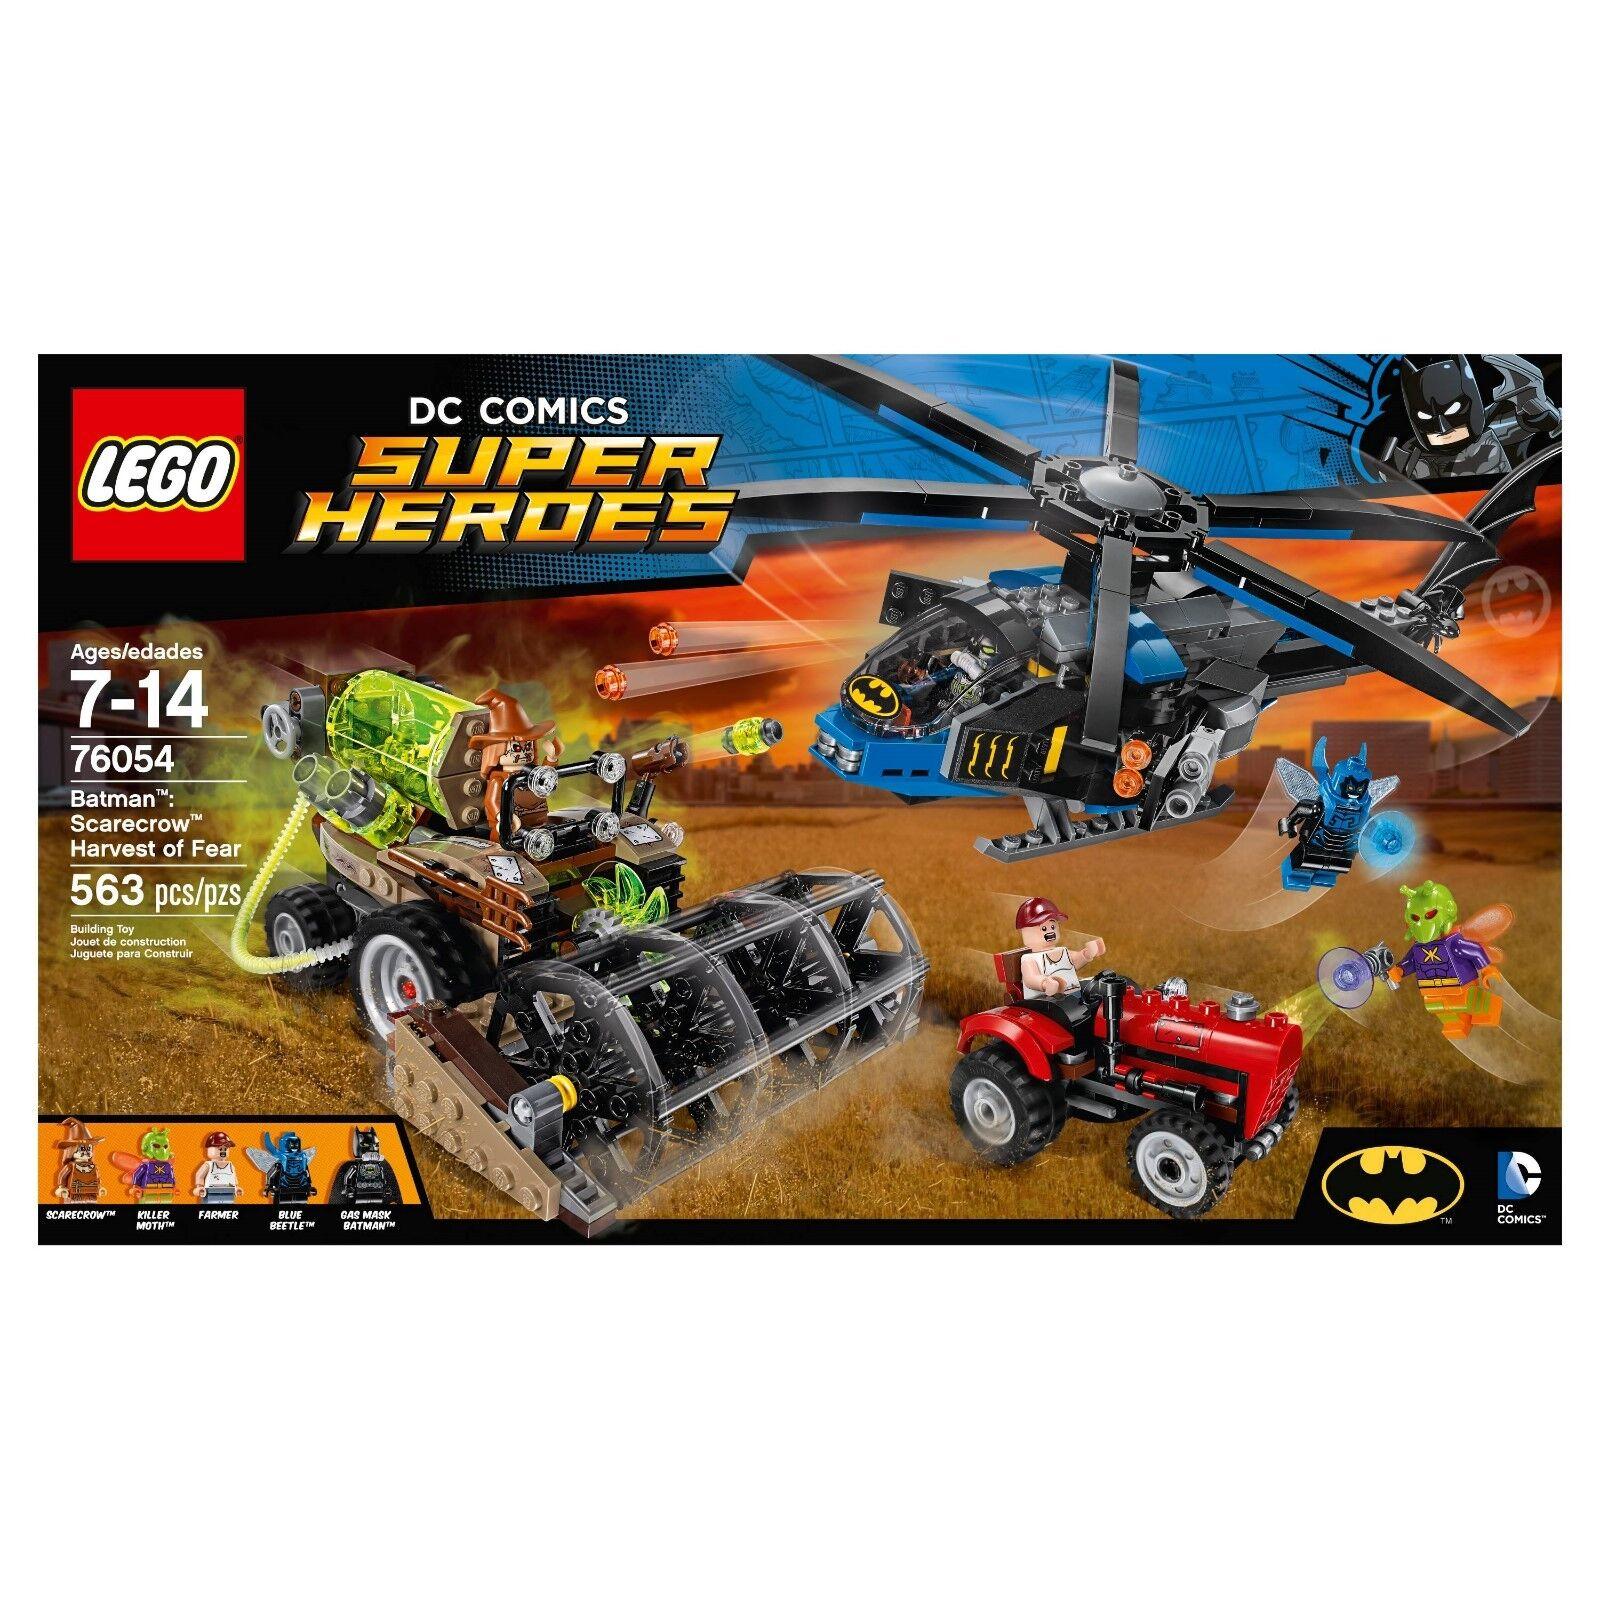 Lego Super Heroes 76054 Batman Scarecrow cosecha de miedo